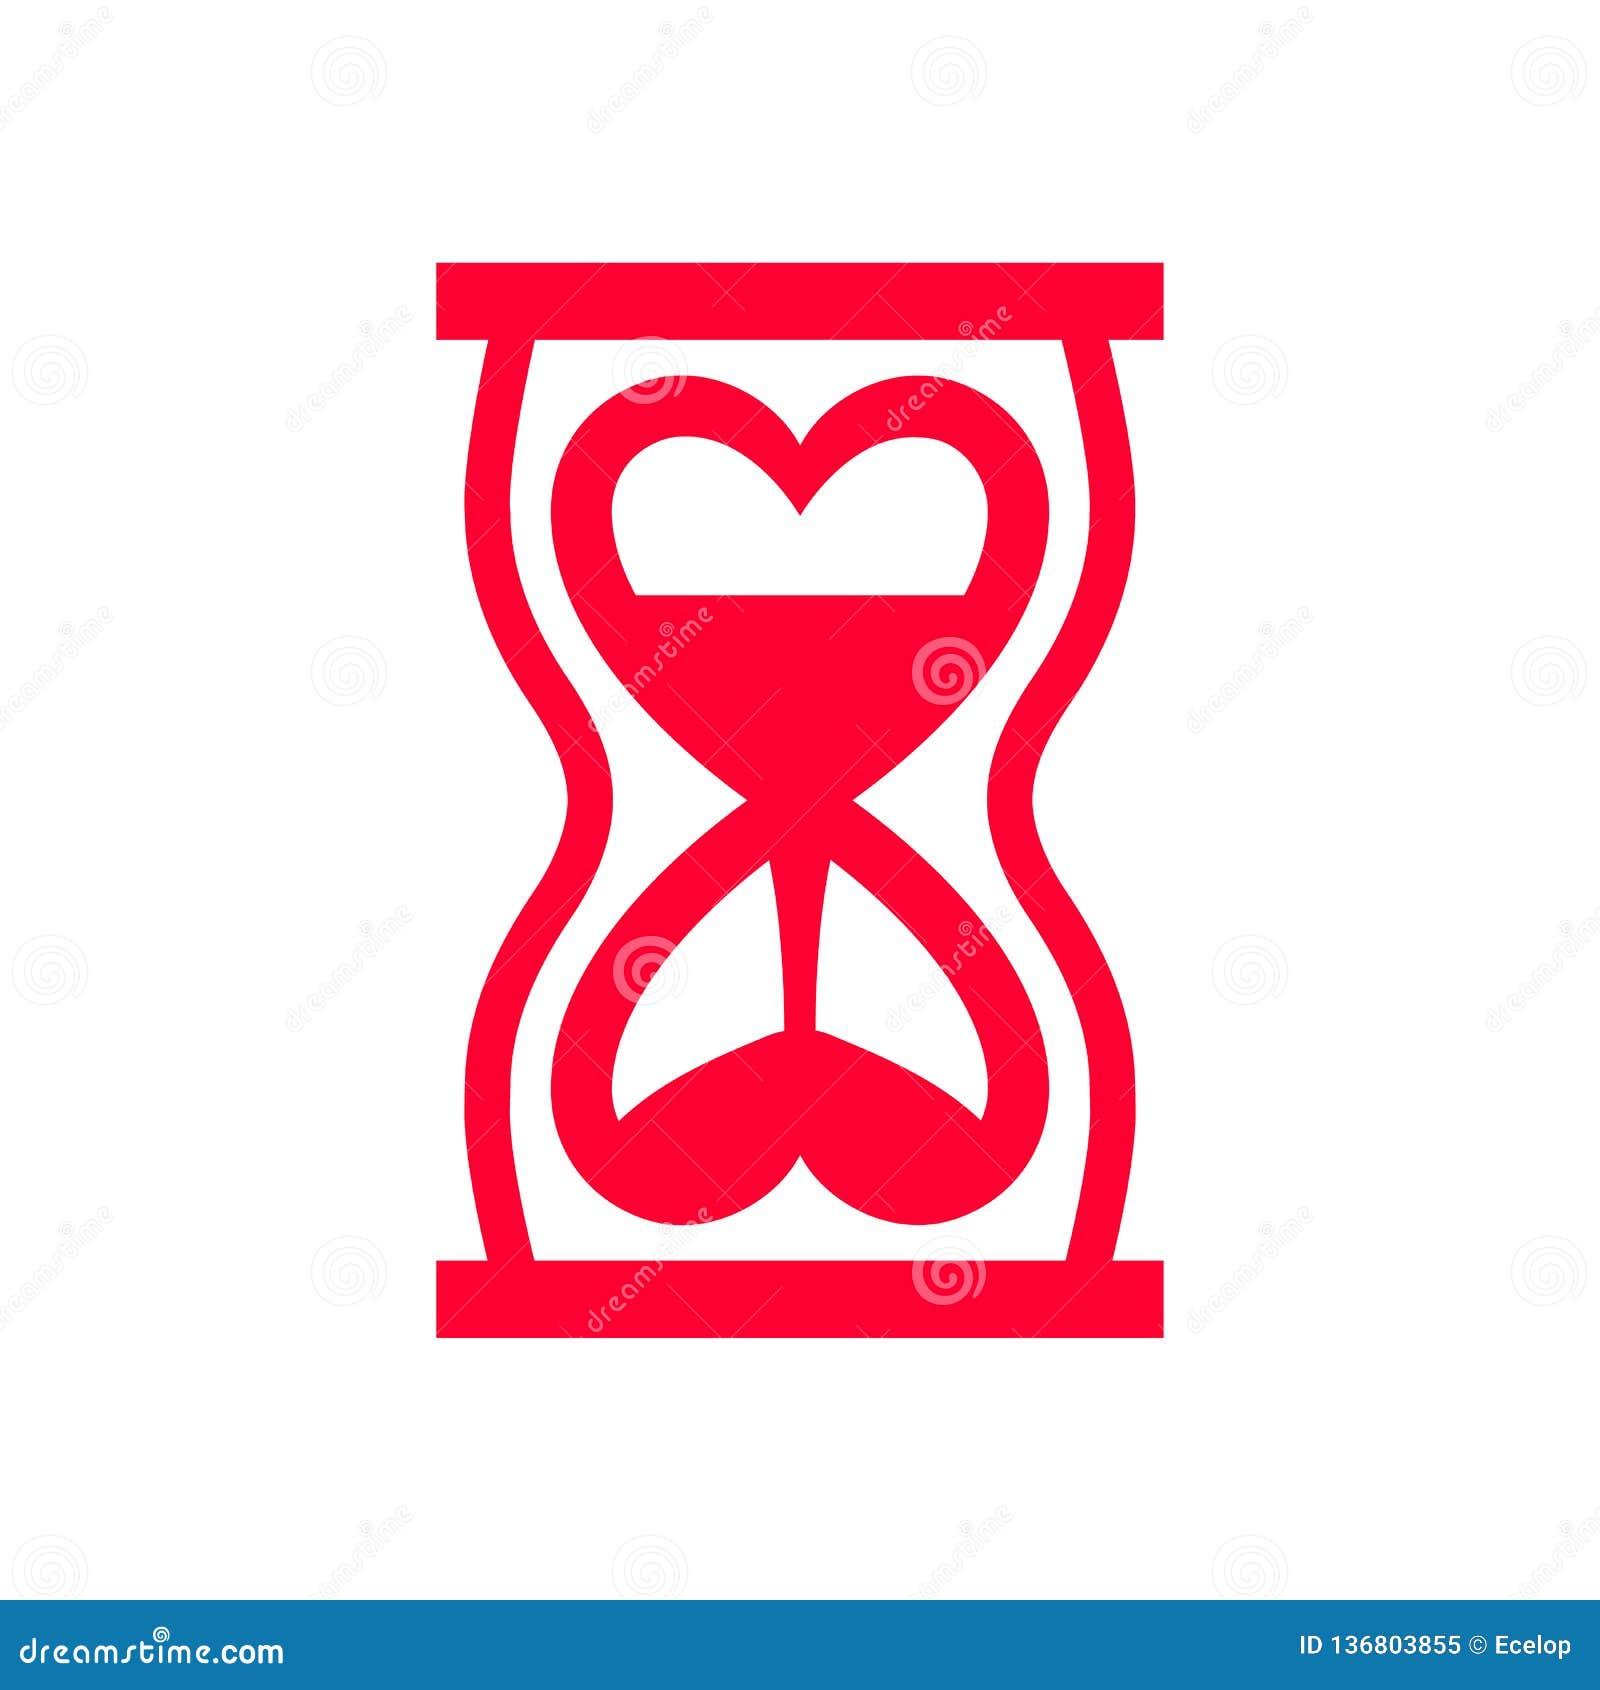 Icona di amore o segno di San Valentino progettato per la celebrazione